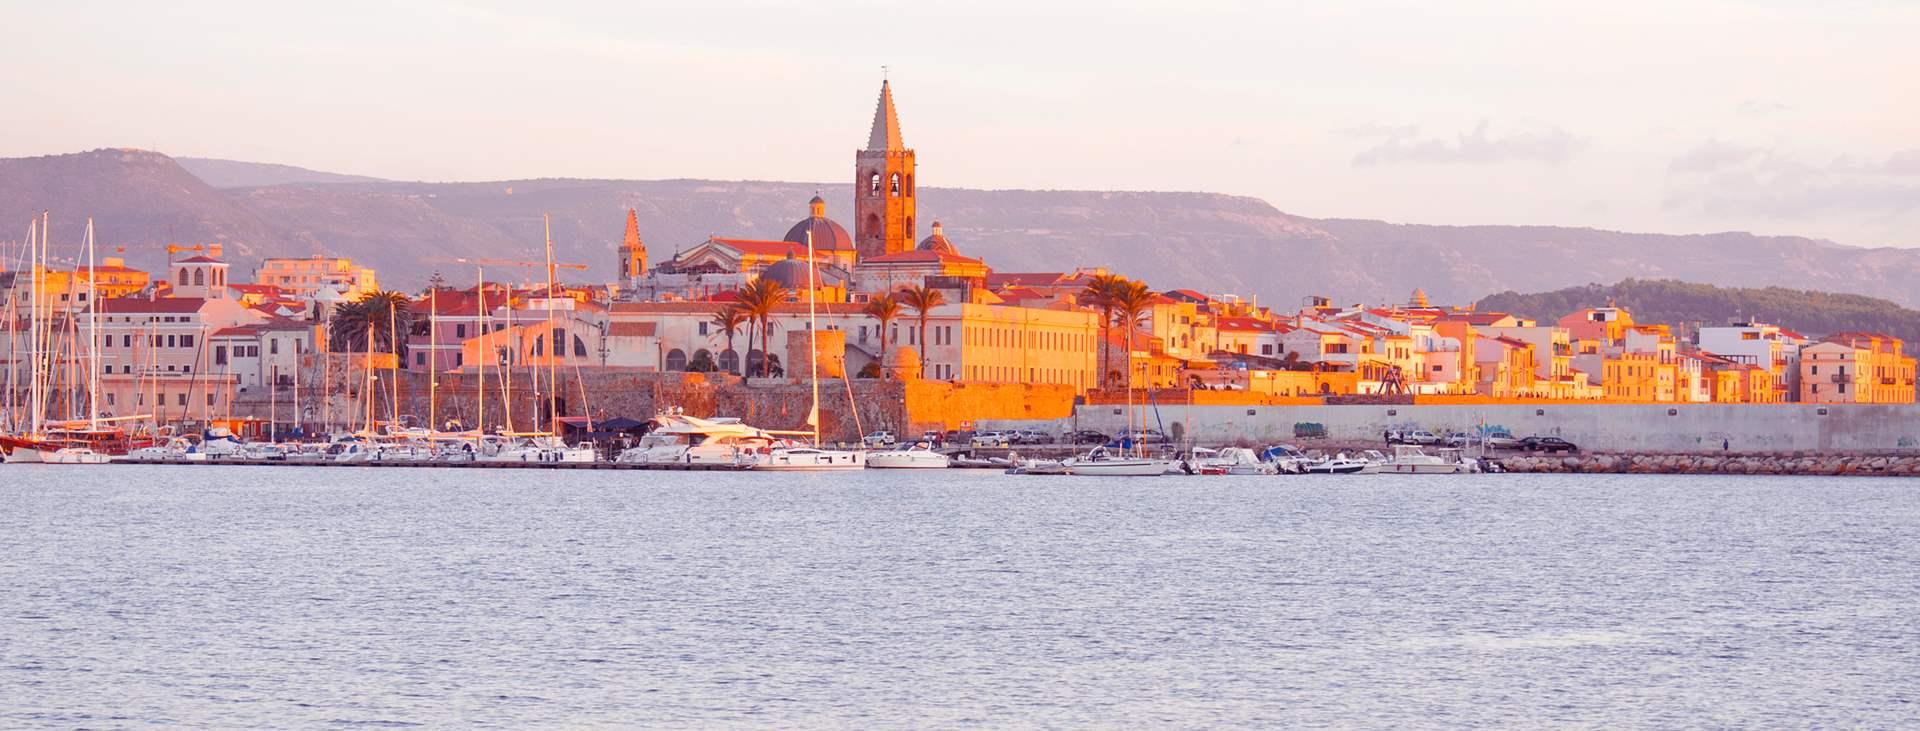 Boka din resa till Alghero på Sardinien med Ving